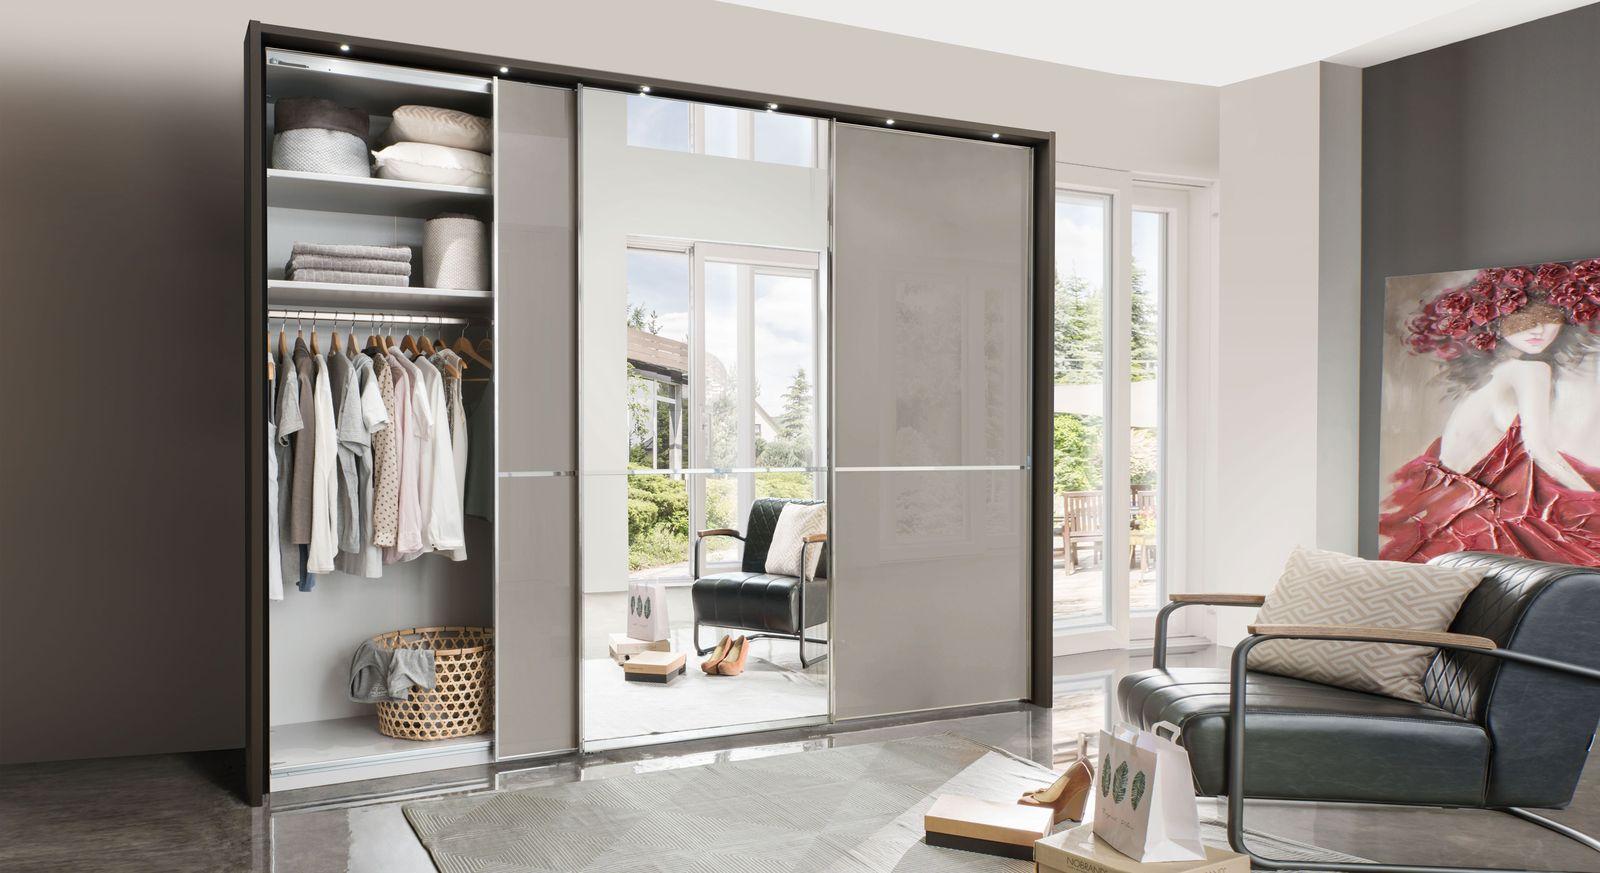 Spiegel-Kleiderschrank Butaco mit Innenausstattung